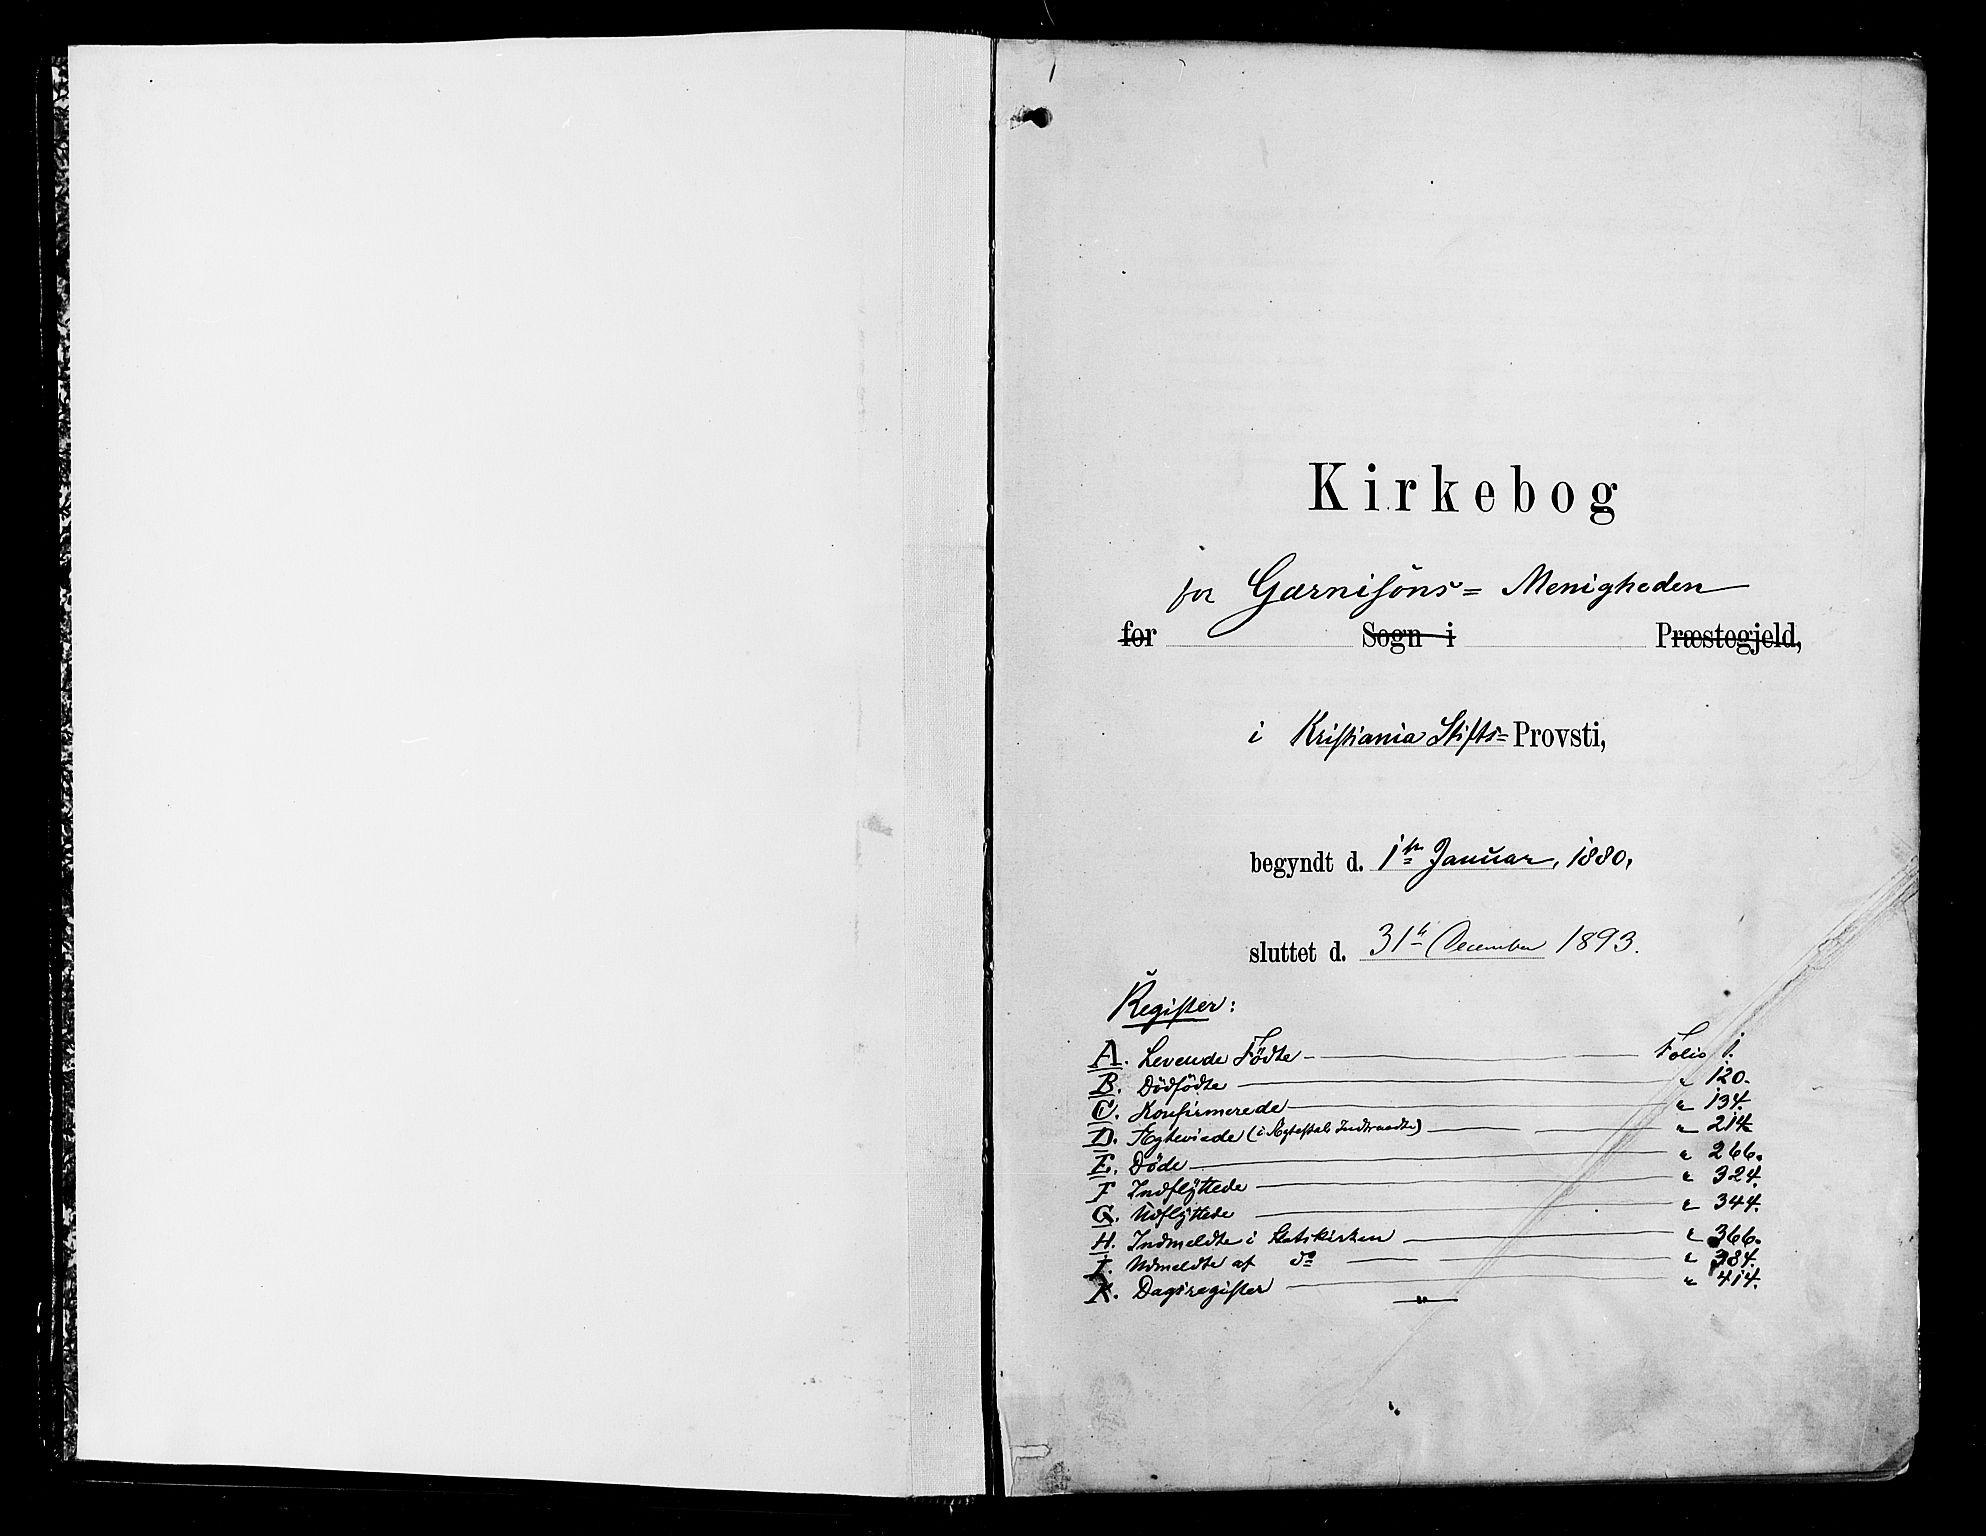 SAO, Garnisonsmenigheten Kirkebøker, F/Fa/L0012: Parish register (official) no. 12, 1880-1893